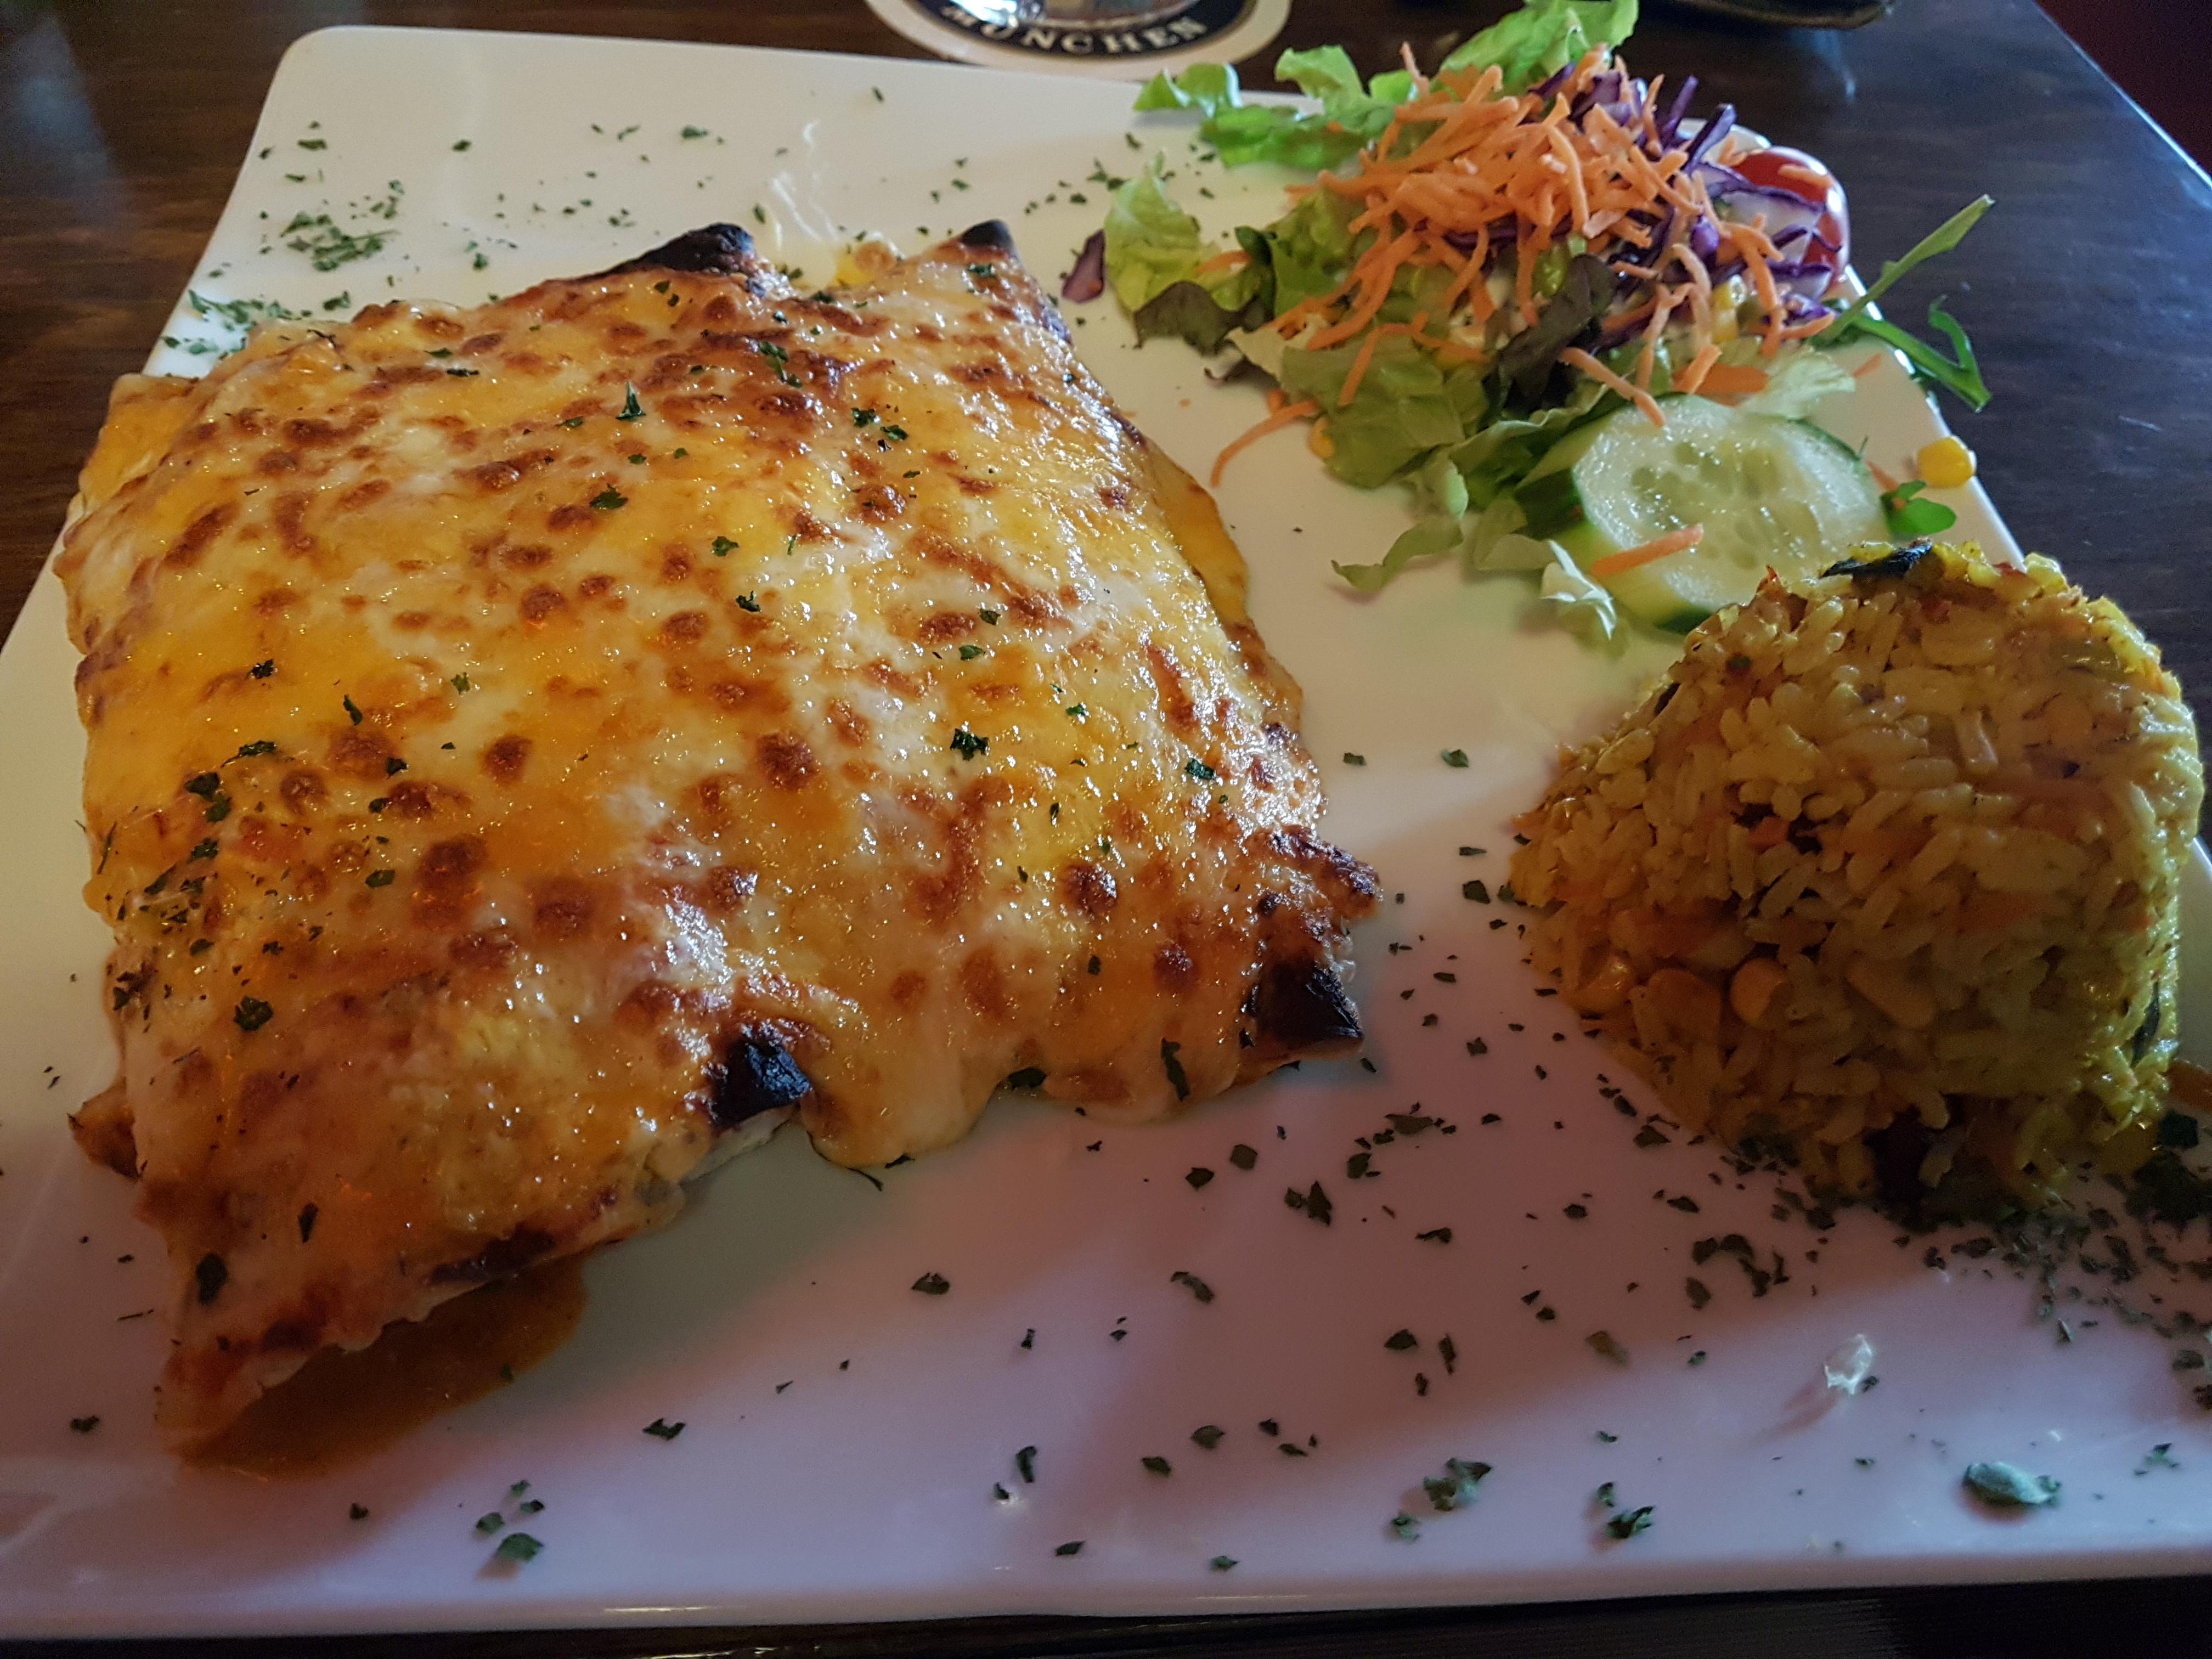 http://foodloader.net/Holz_2018-04-15_Enchiladas.jpg